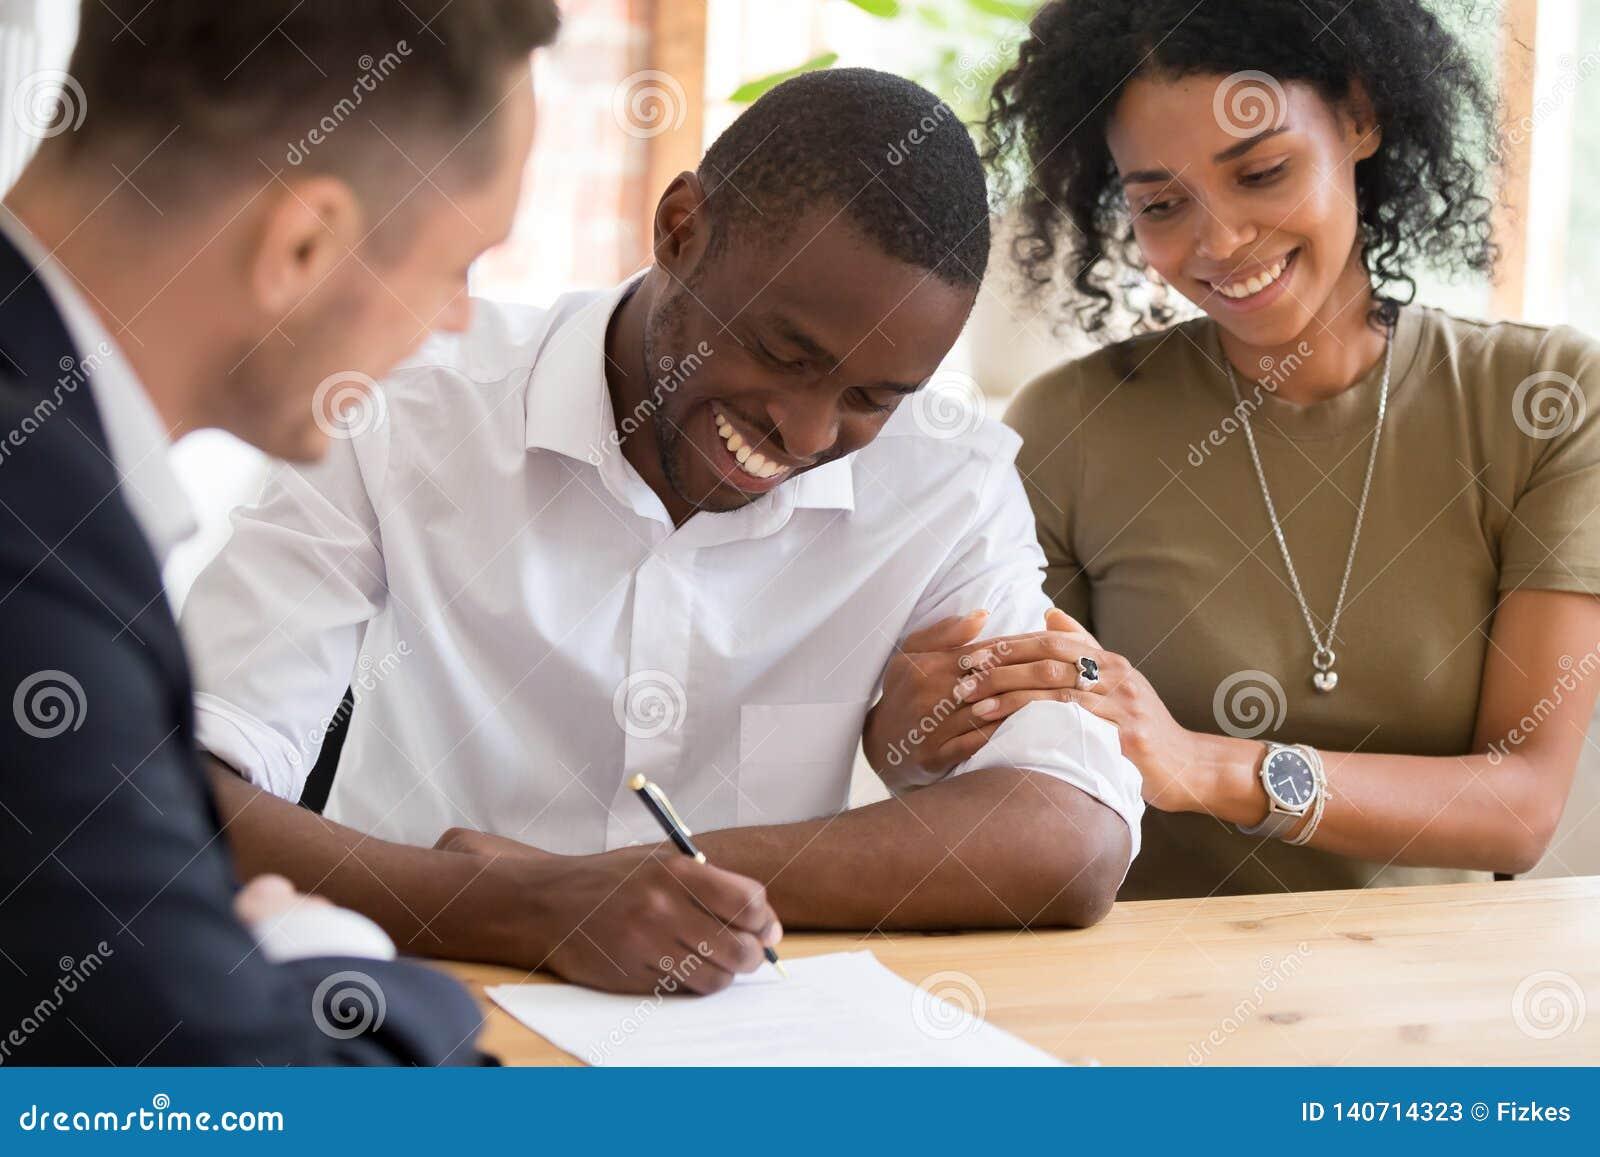 Gelukkig Afrikaans van het de klantenteken van het familiepaar van de de hypotheeklening de verzekeringscontract